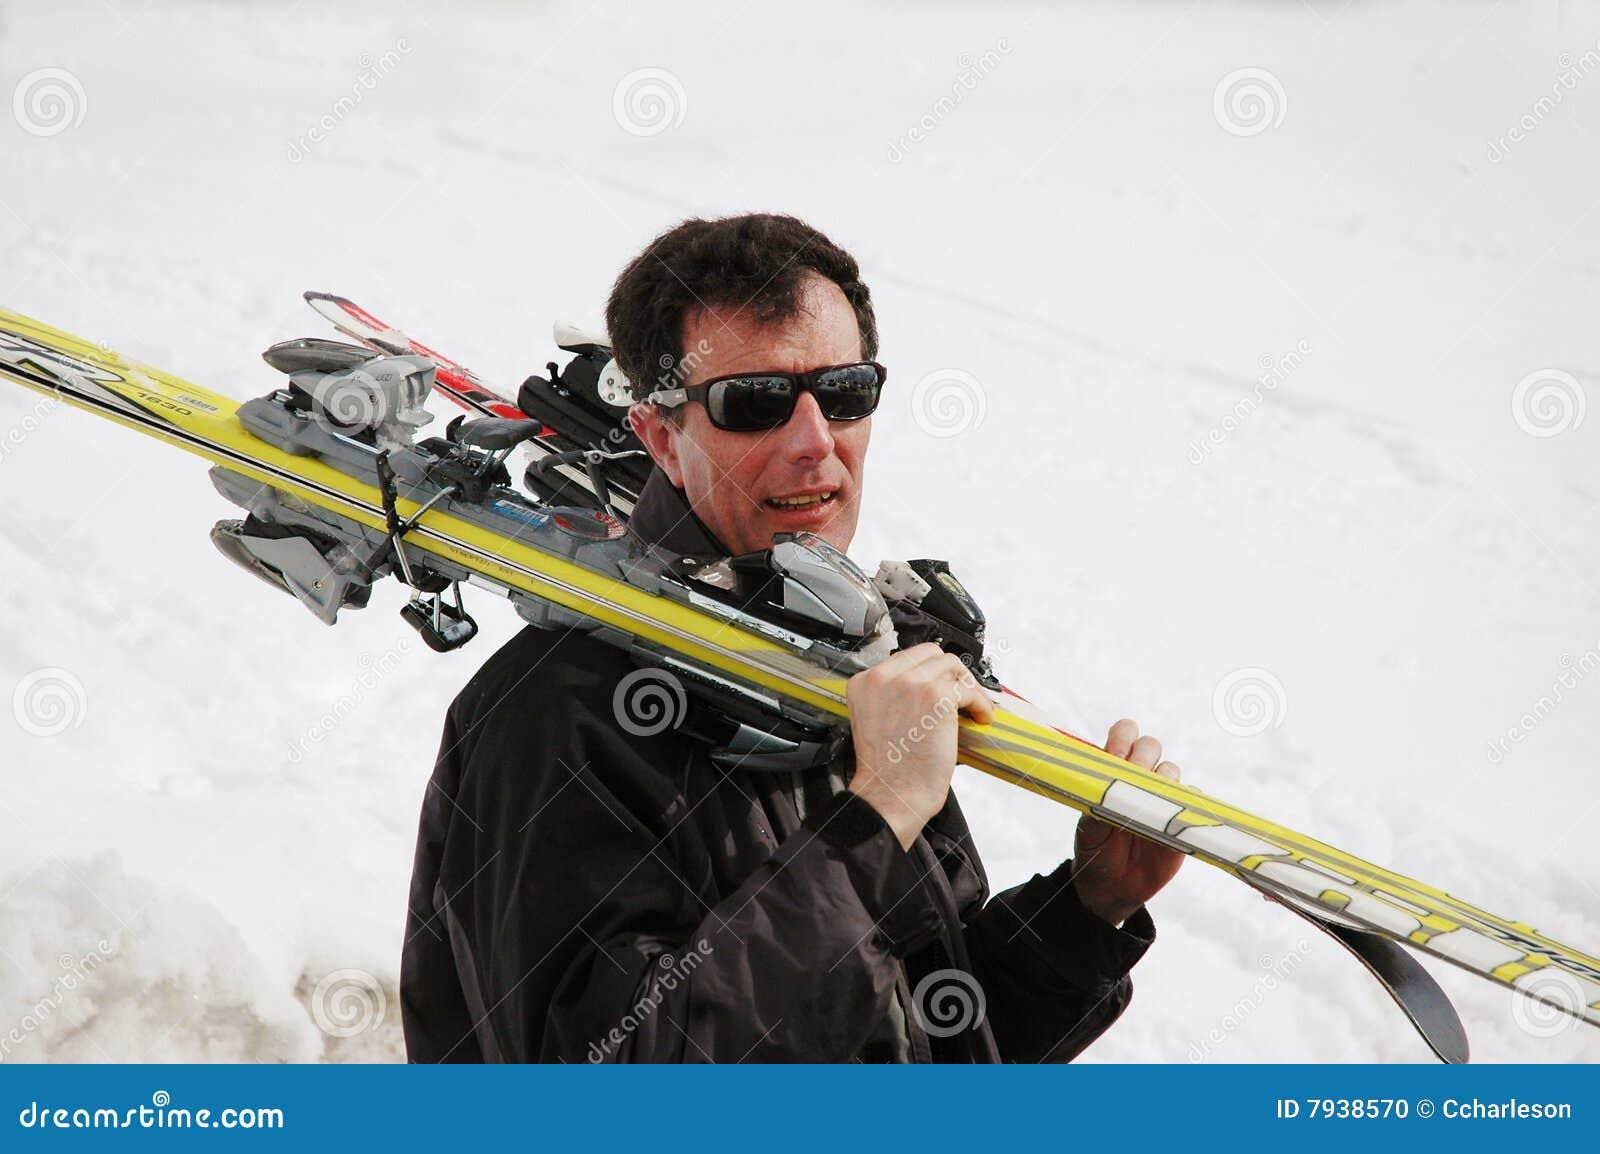 Man carrying skis